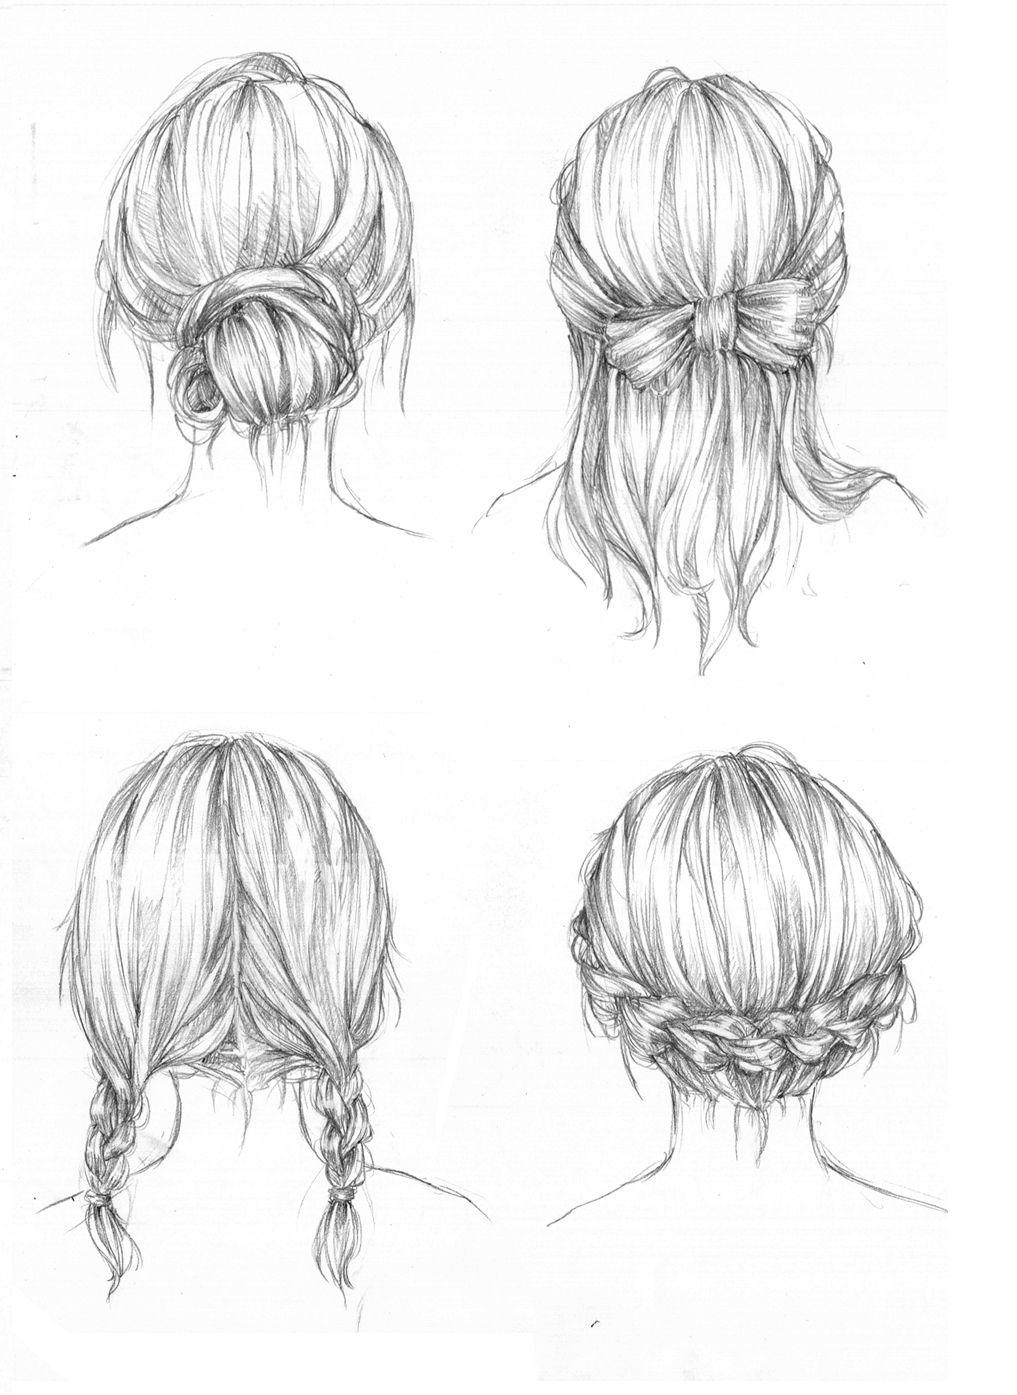 pin on drawing hair